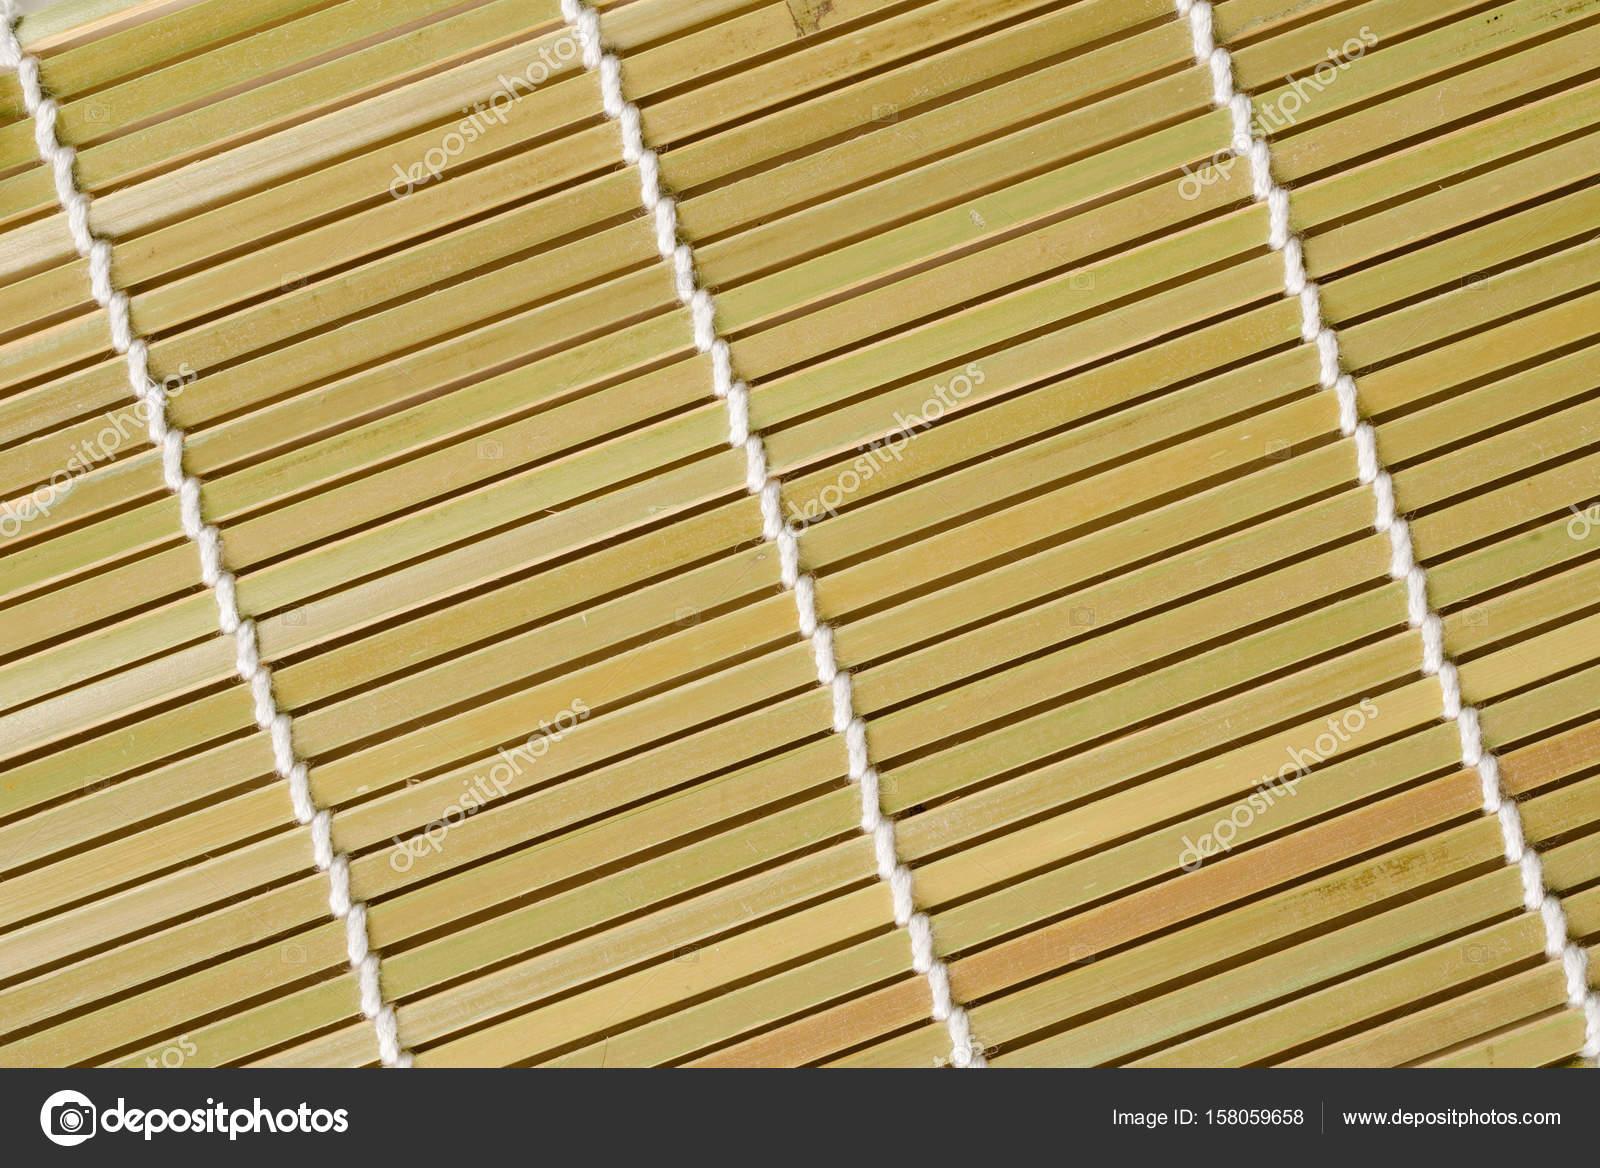 Marco completo estera de bambú — Foto de stock © OlafSpeier #158059658